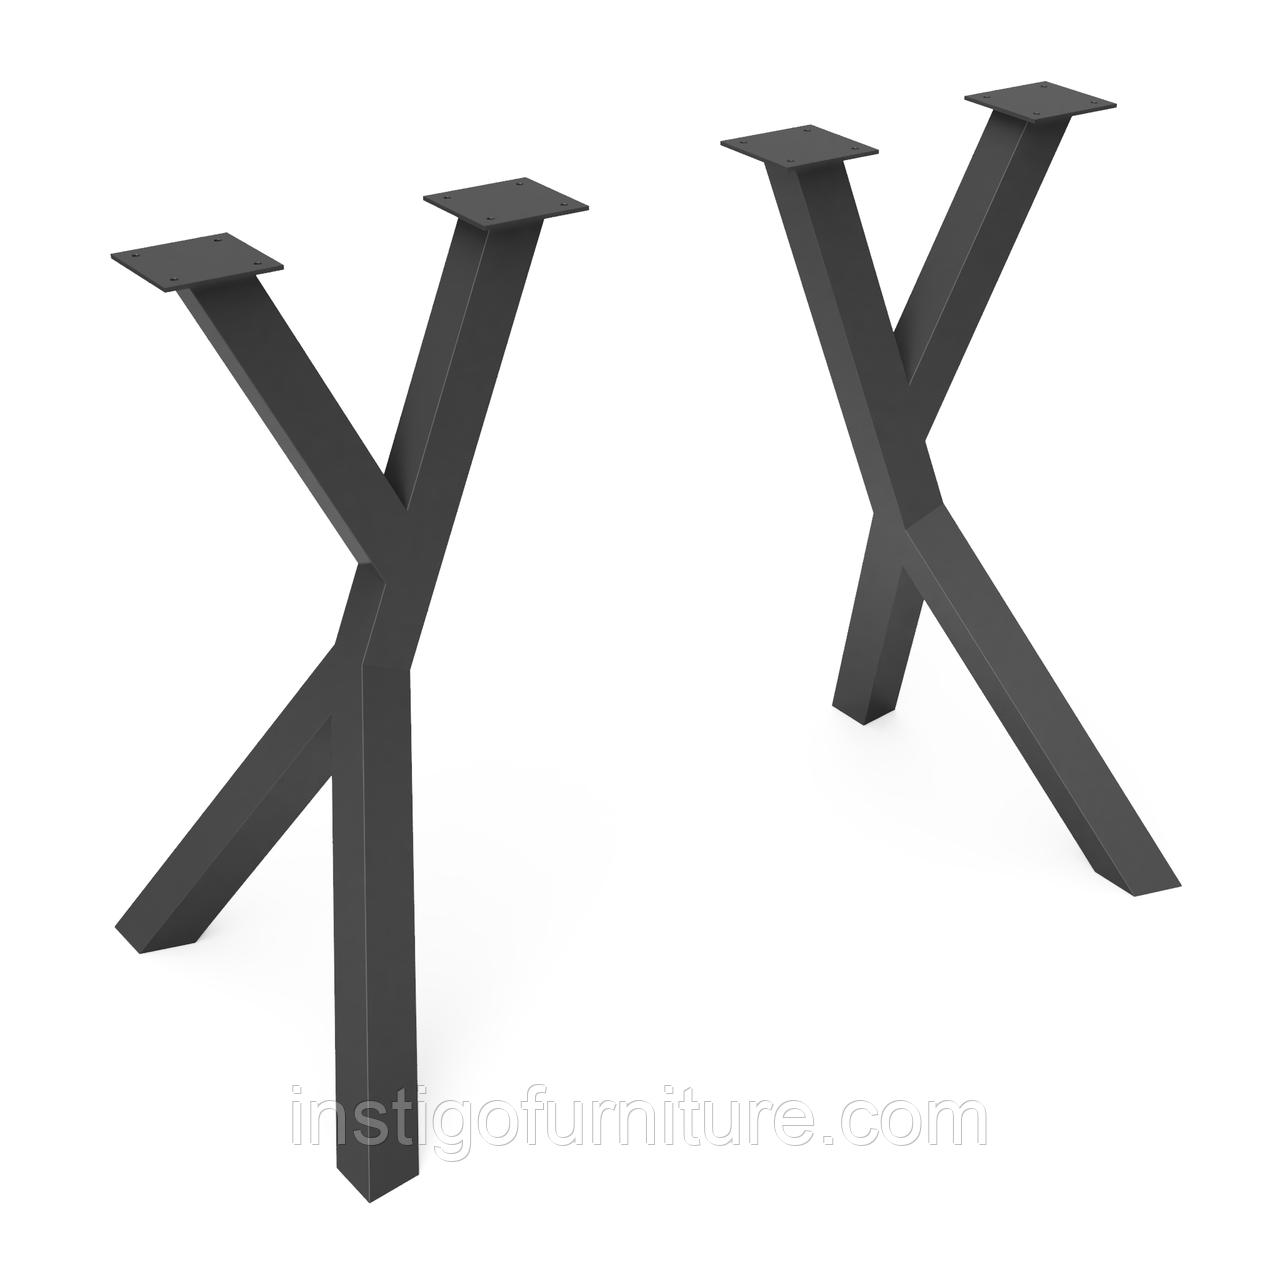 Ножка для стола из металла 500×378mm, H=730mm